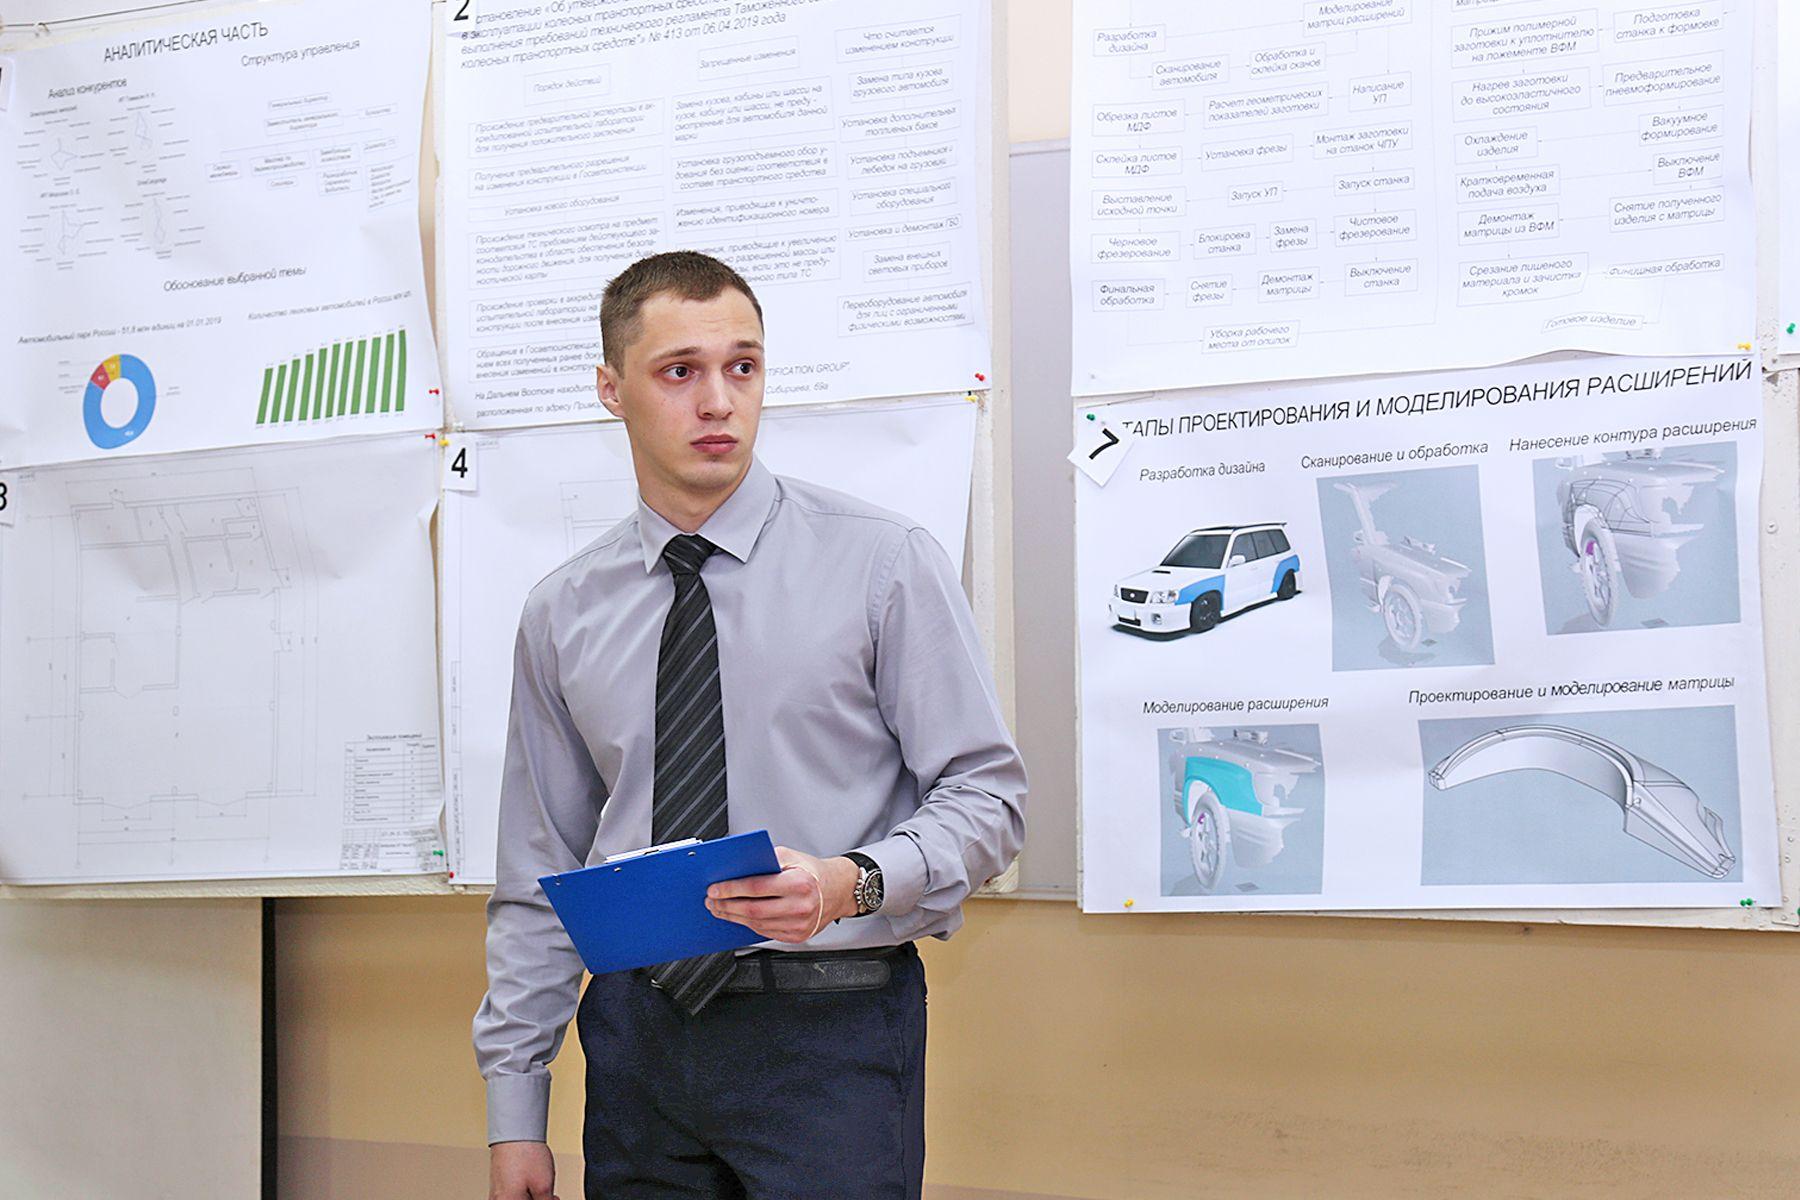 Выпускные квалификационные работы студентов ВГУЭС заняли три призовых места в международном конкурсе «Инновационный научный потенциал»